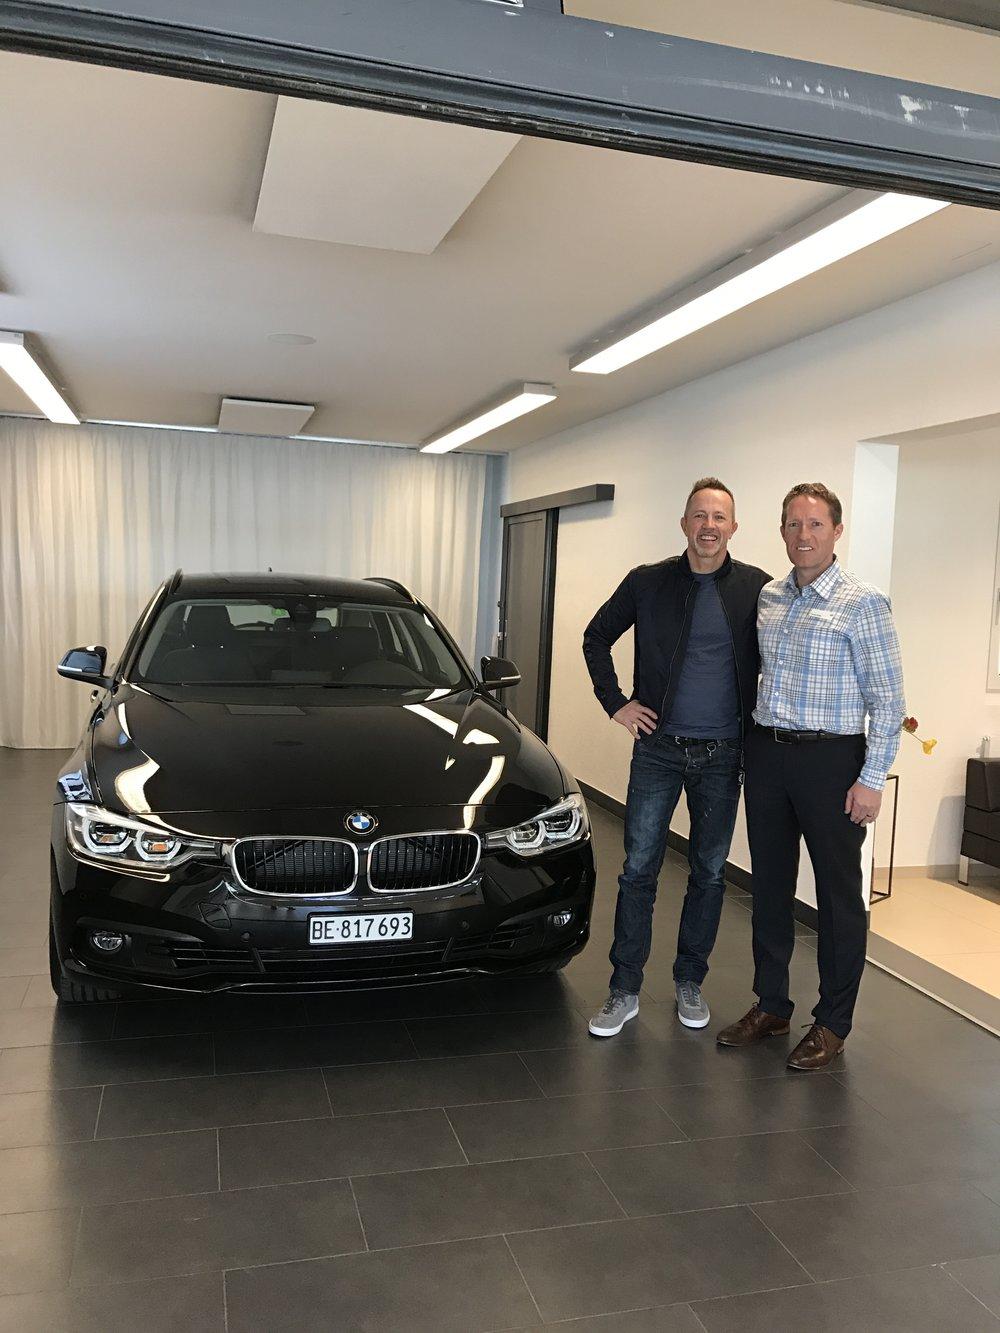 Kein Aprilscherz: im April durfte ich den neuen 3er Drive abholen. Grazie mille Thomas & das gesamte R.Bühler Team Neuenegg!